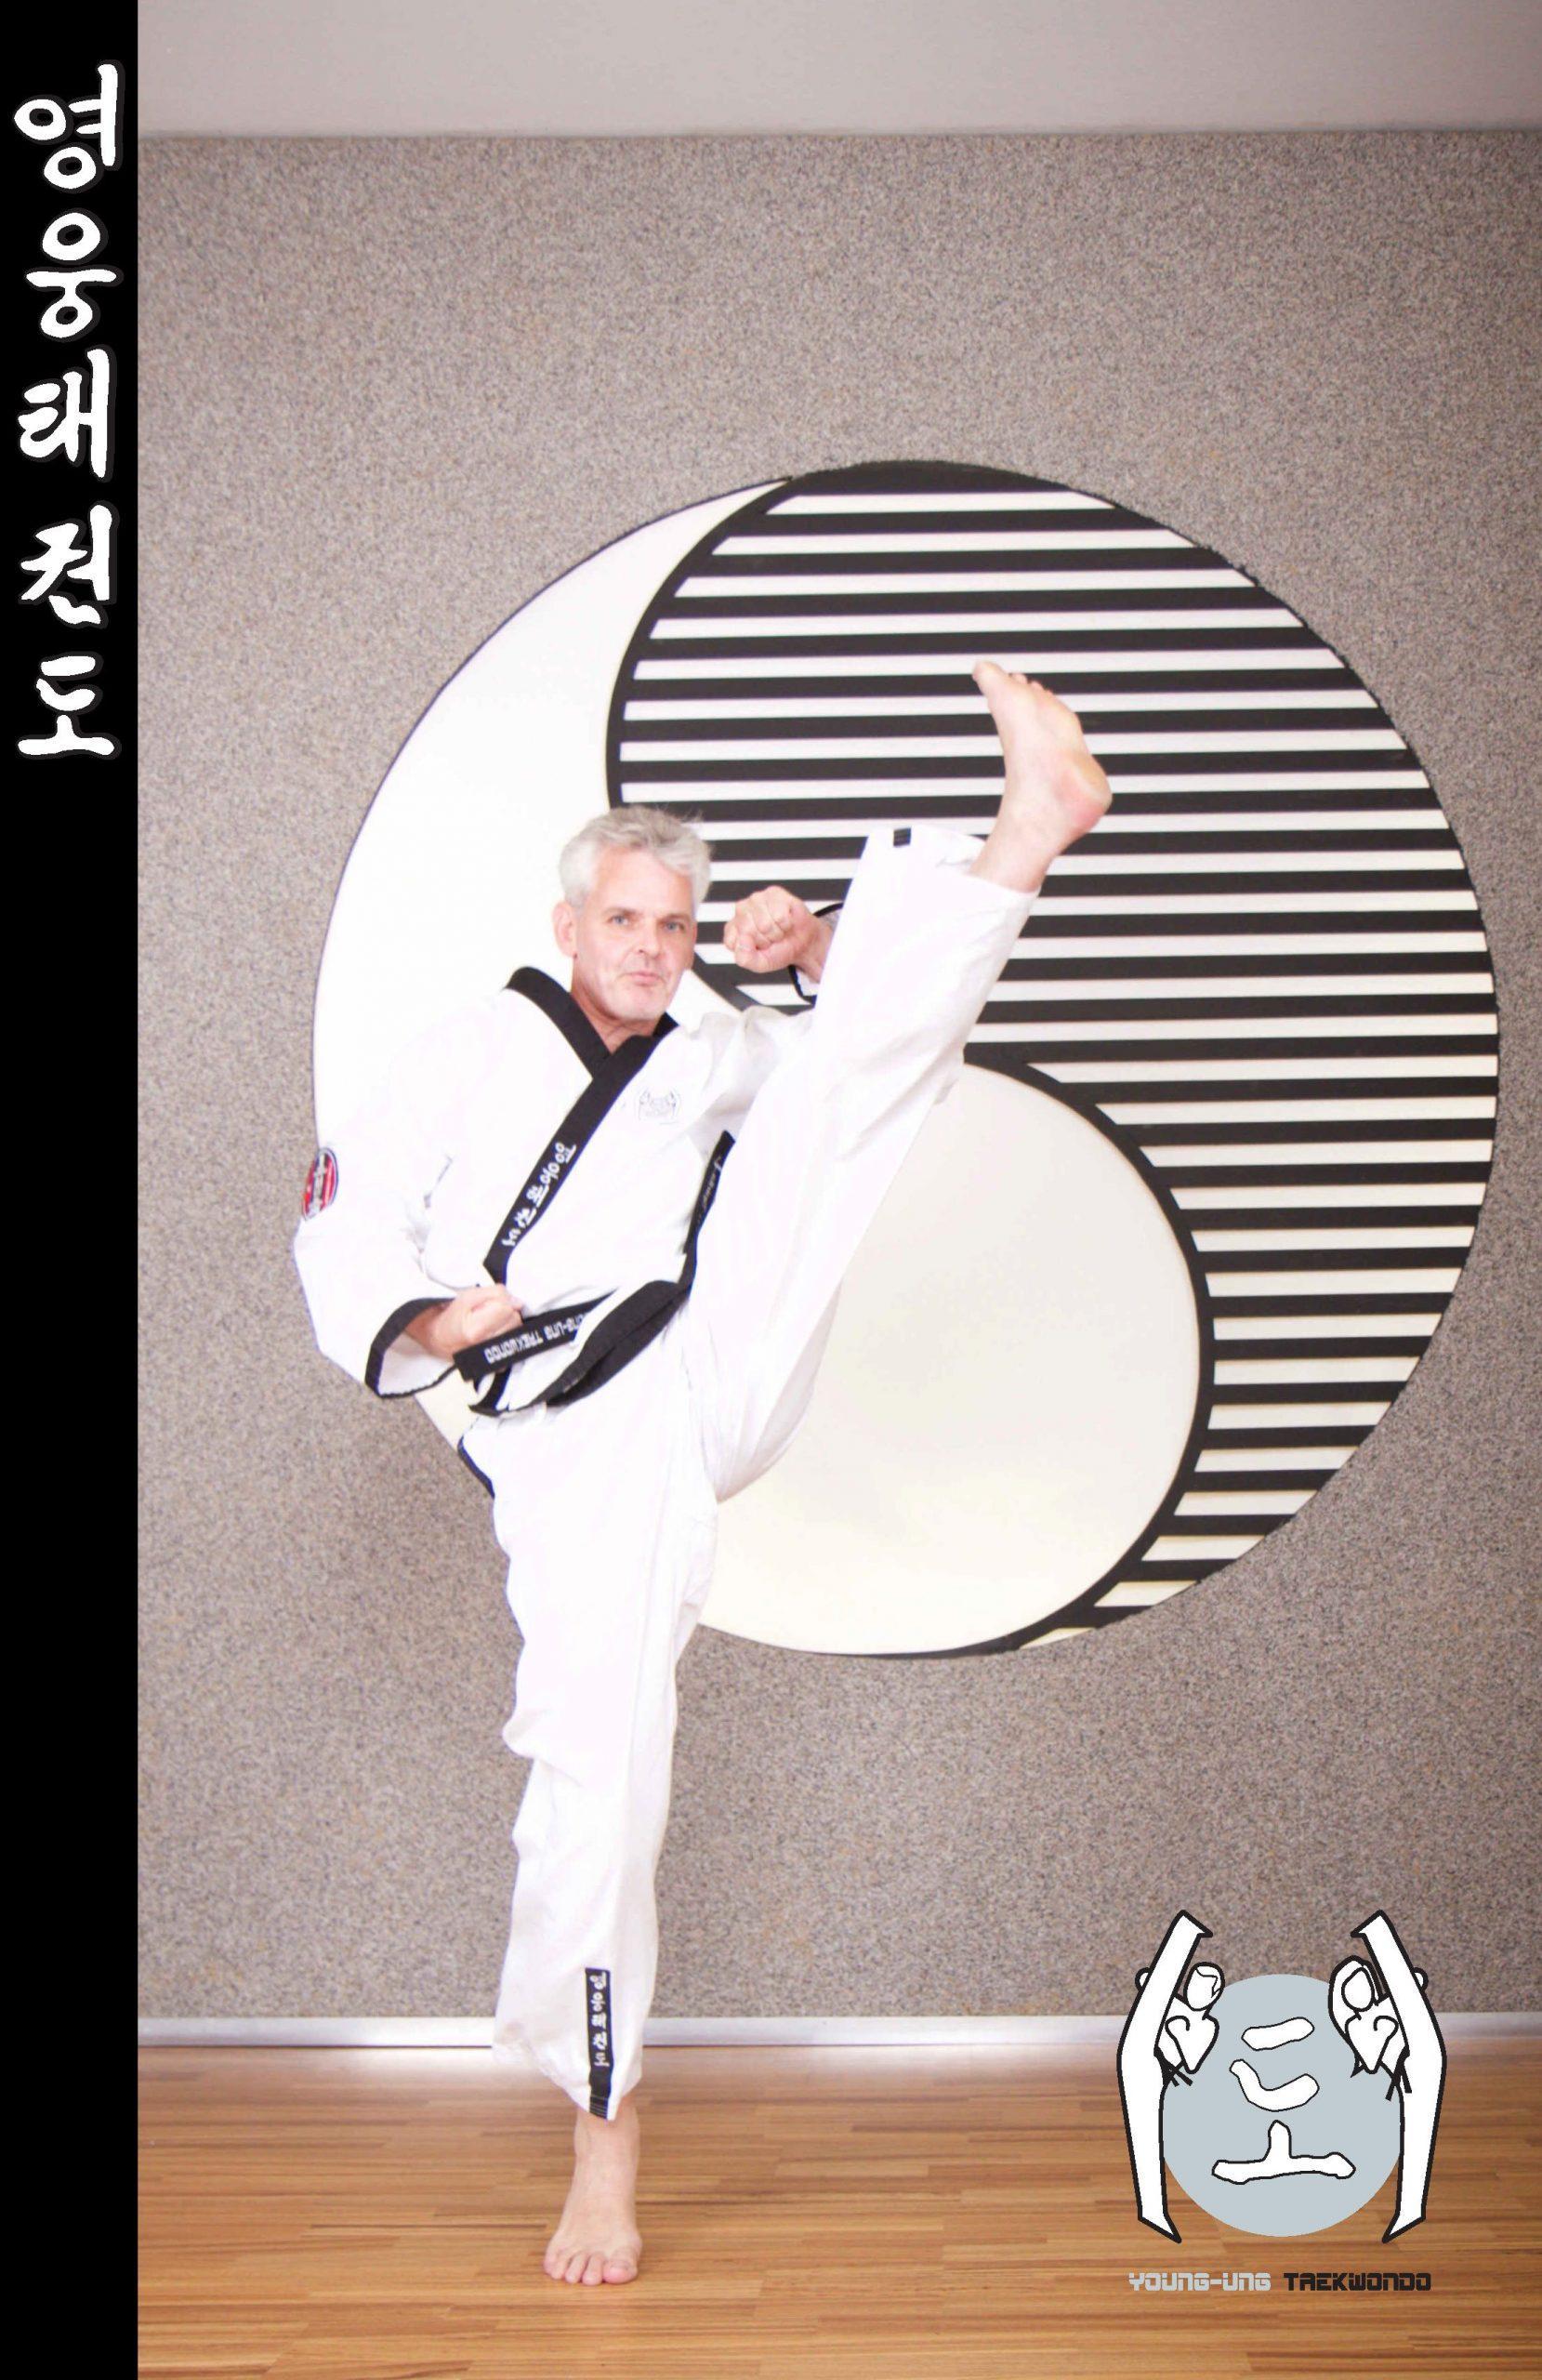 Taekwondo-Trainer mittleren Alters in Taekwondo Kick Pose aus Zweigstelle 8630 Mariazell